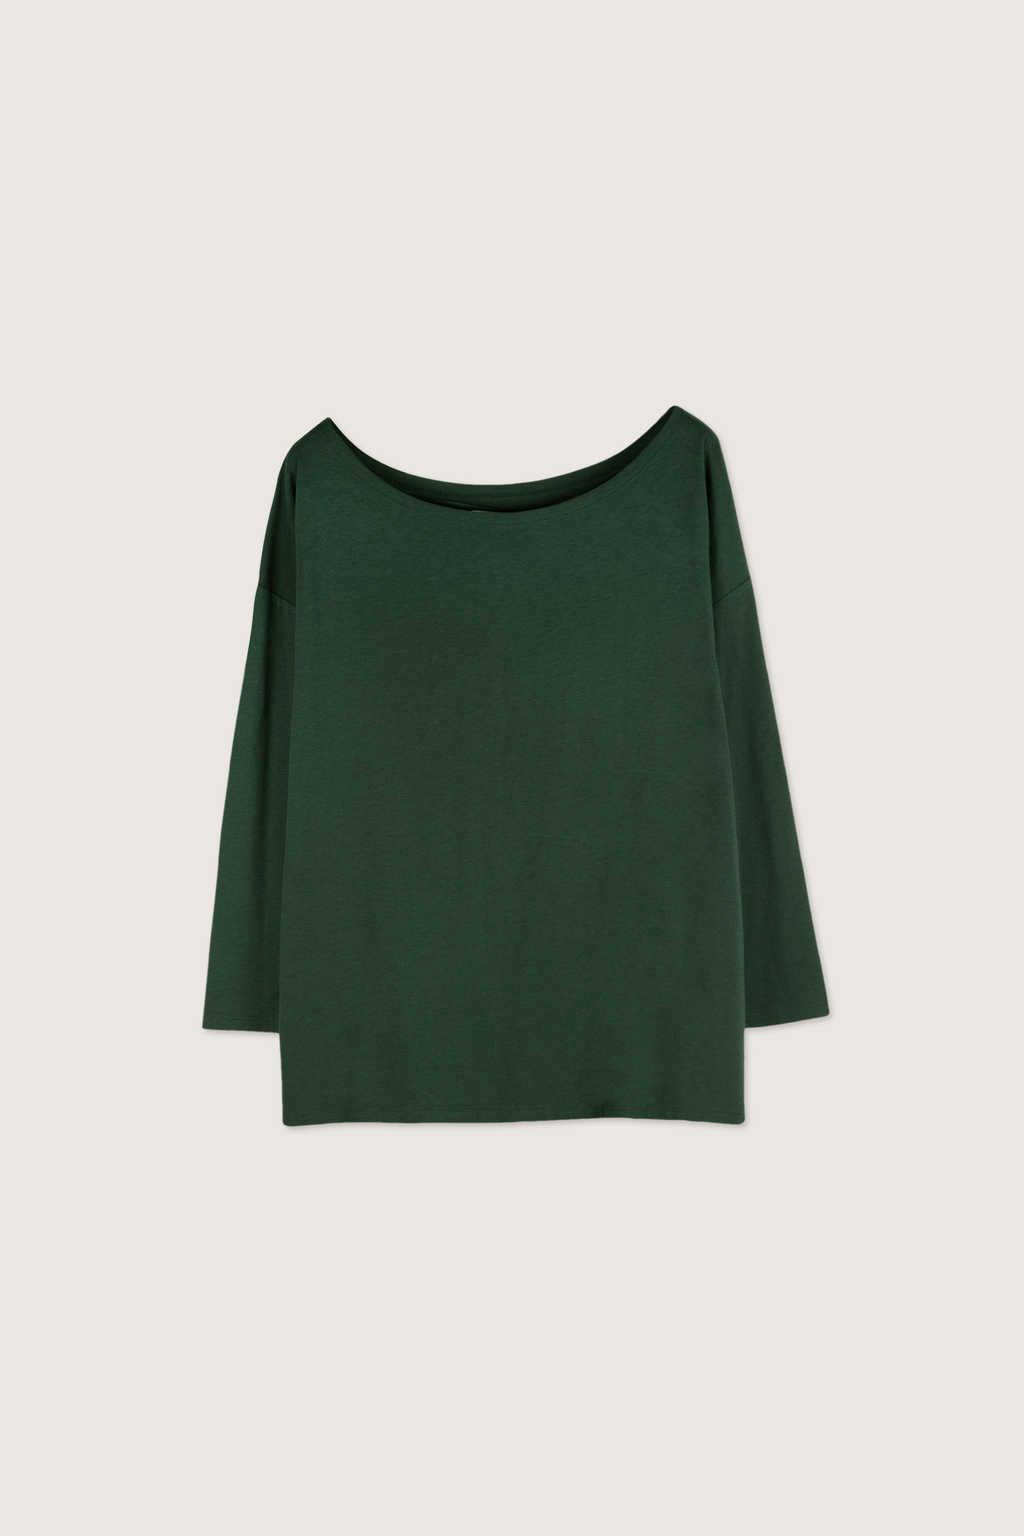 TShirt 1813 Green 10